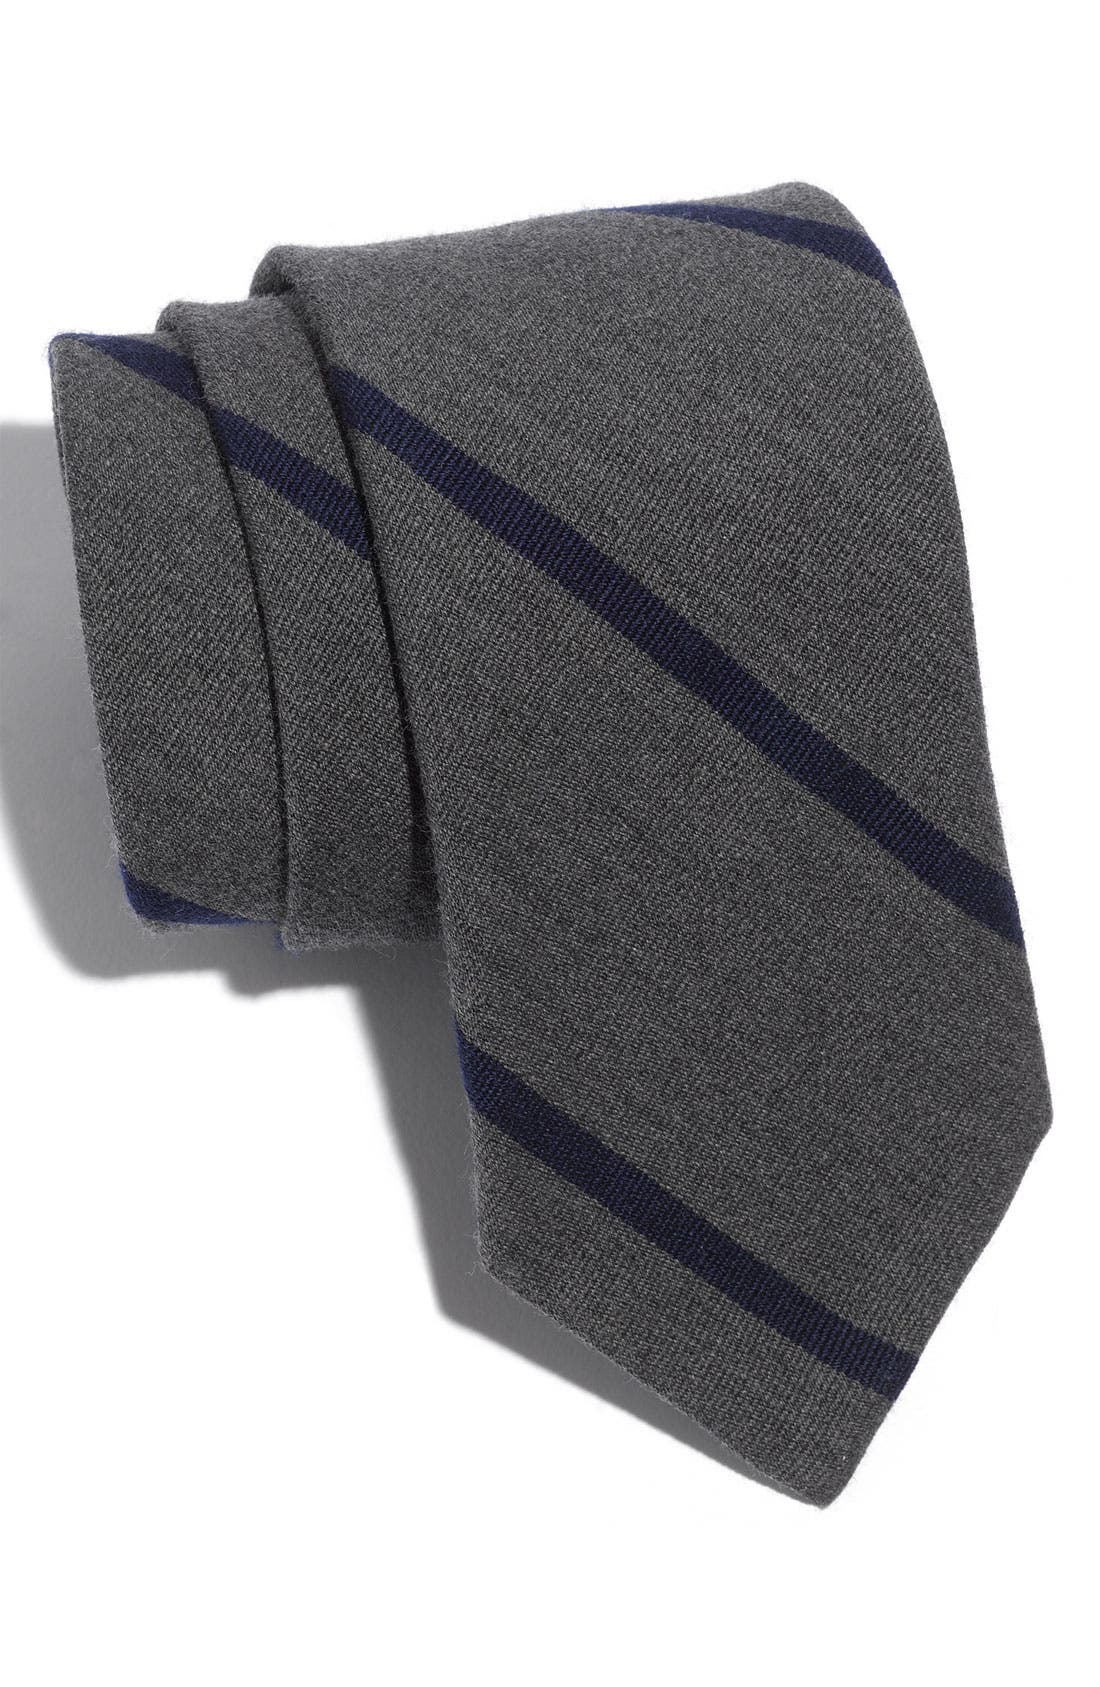 Alternate Image 1 Selected - Jack Spade Tie